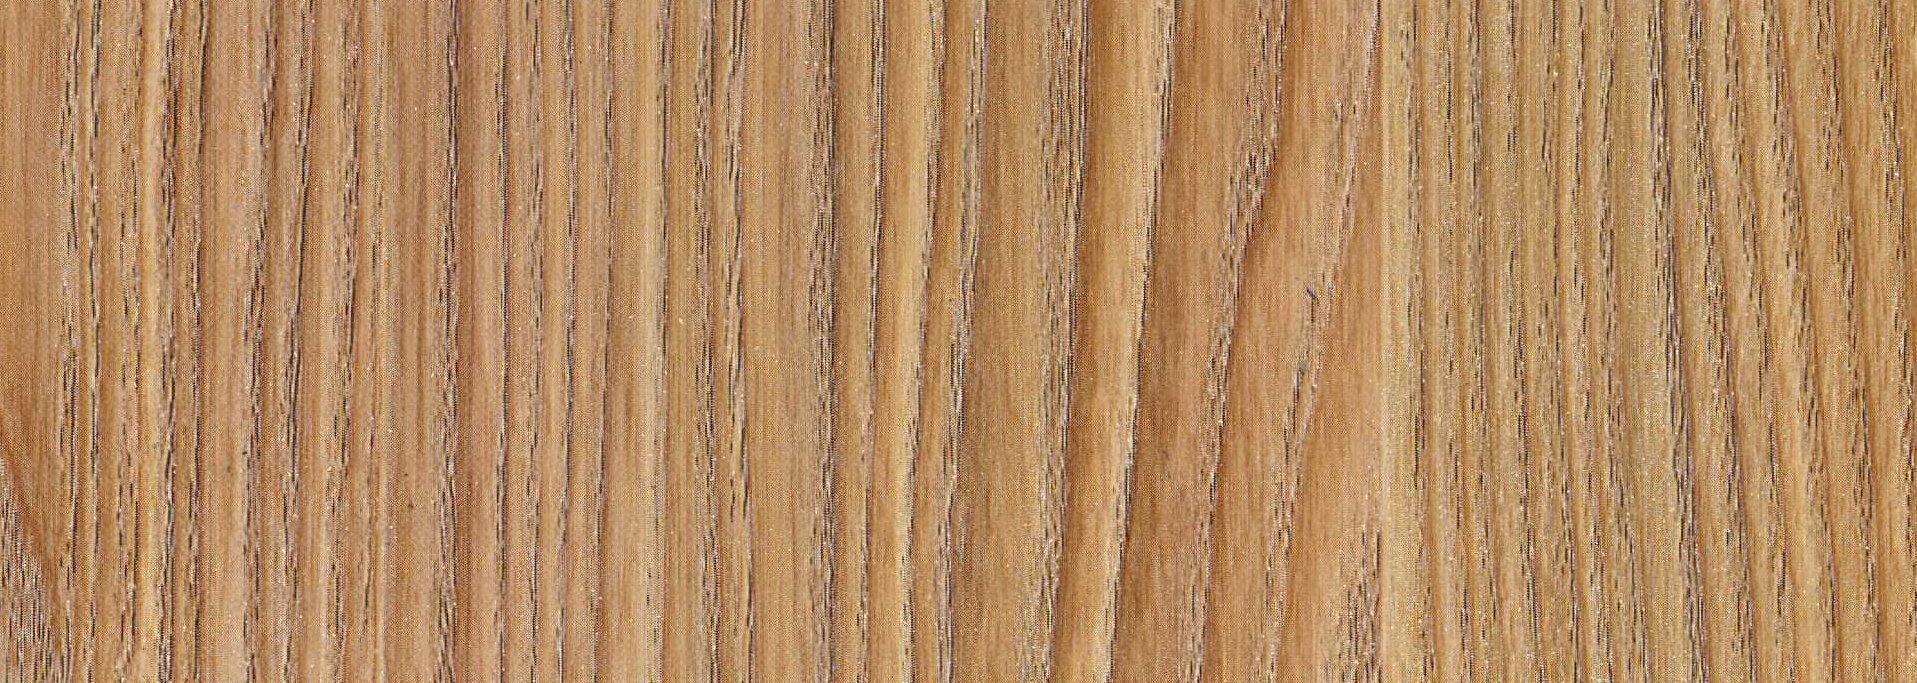 Plakfolie Eiken 3880 - 45cm x 15m